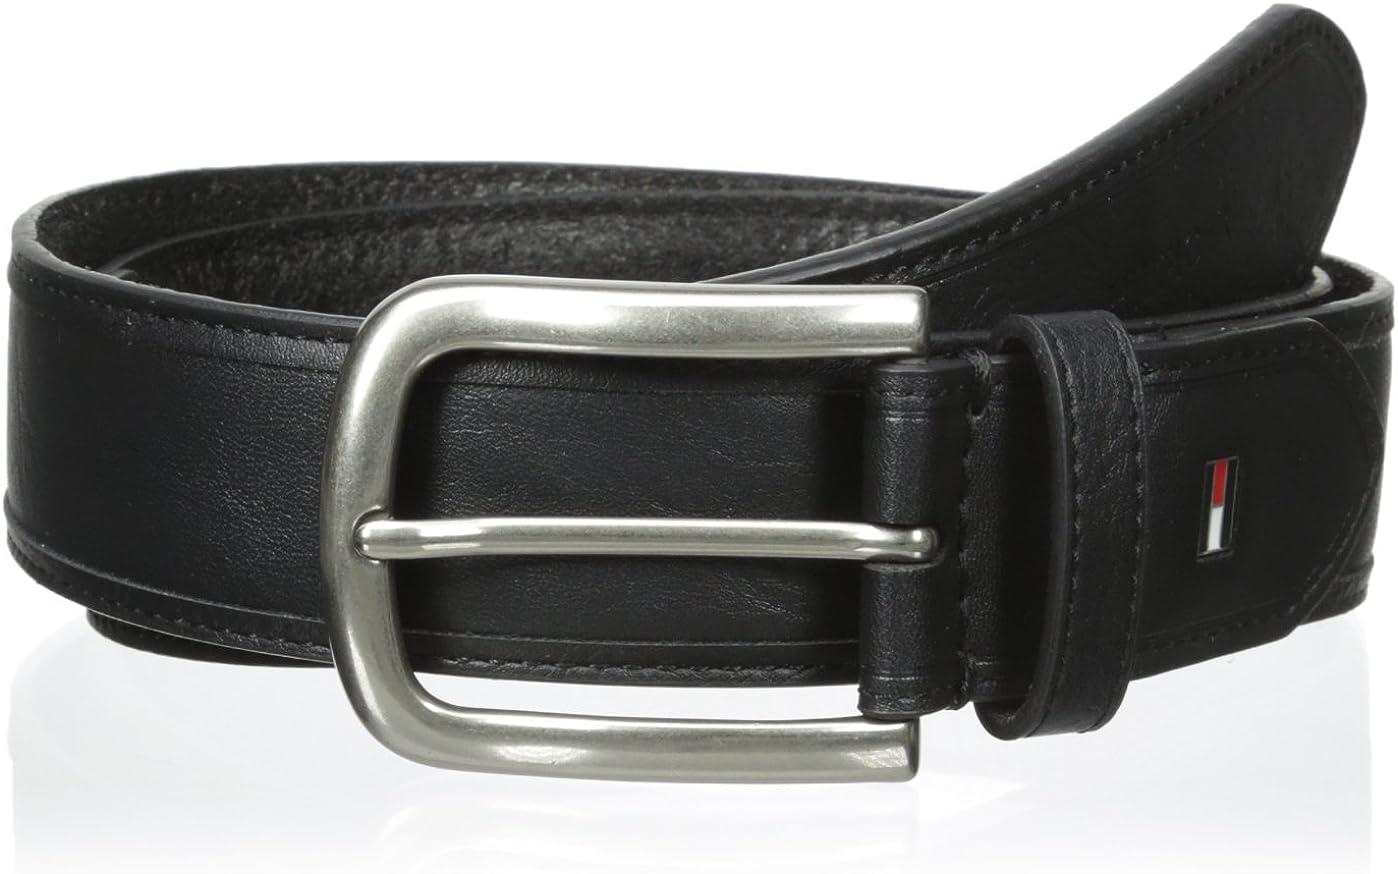 Tommy Hilfiger Reversible Belt for men with Polished Nickel Buckle Men/'s Belts